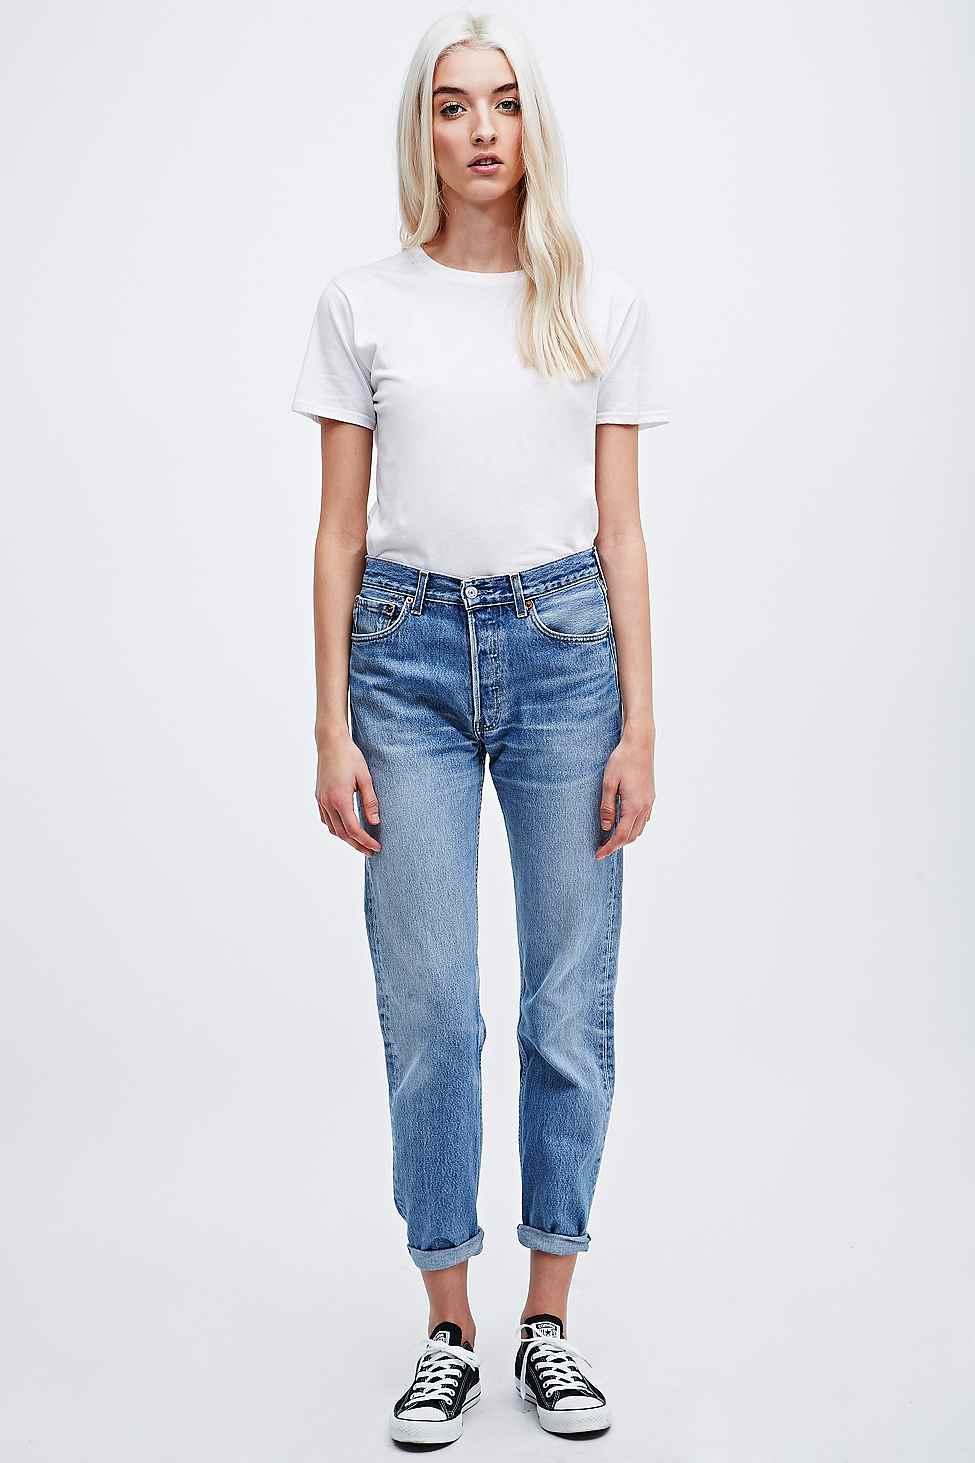 Jeans Jeans Uomo Modificati Jeans Modificati Jeans Modificati Levis Uomo Levis Levis Levis Uomo Uomo GqzVSpUM